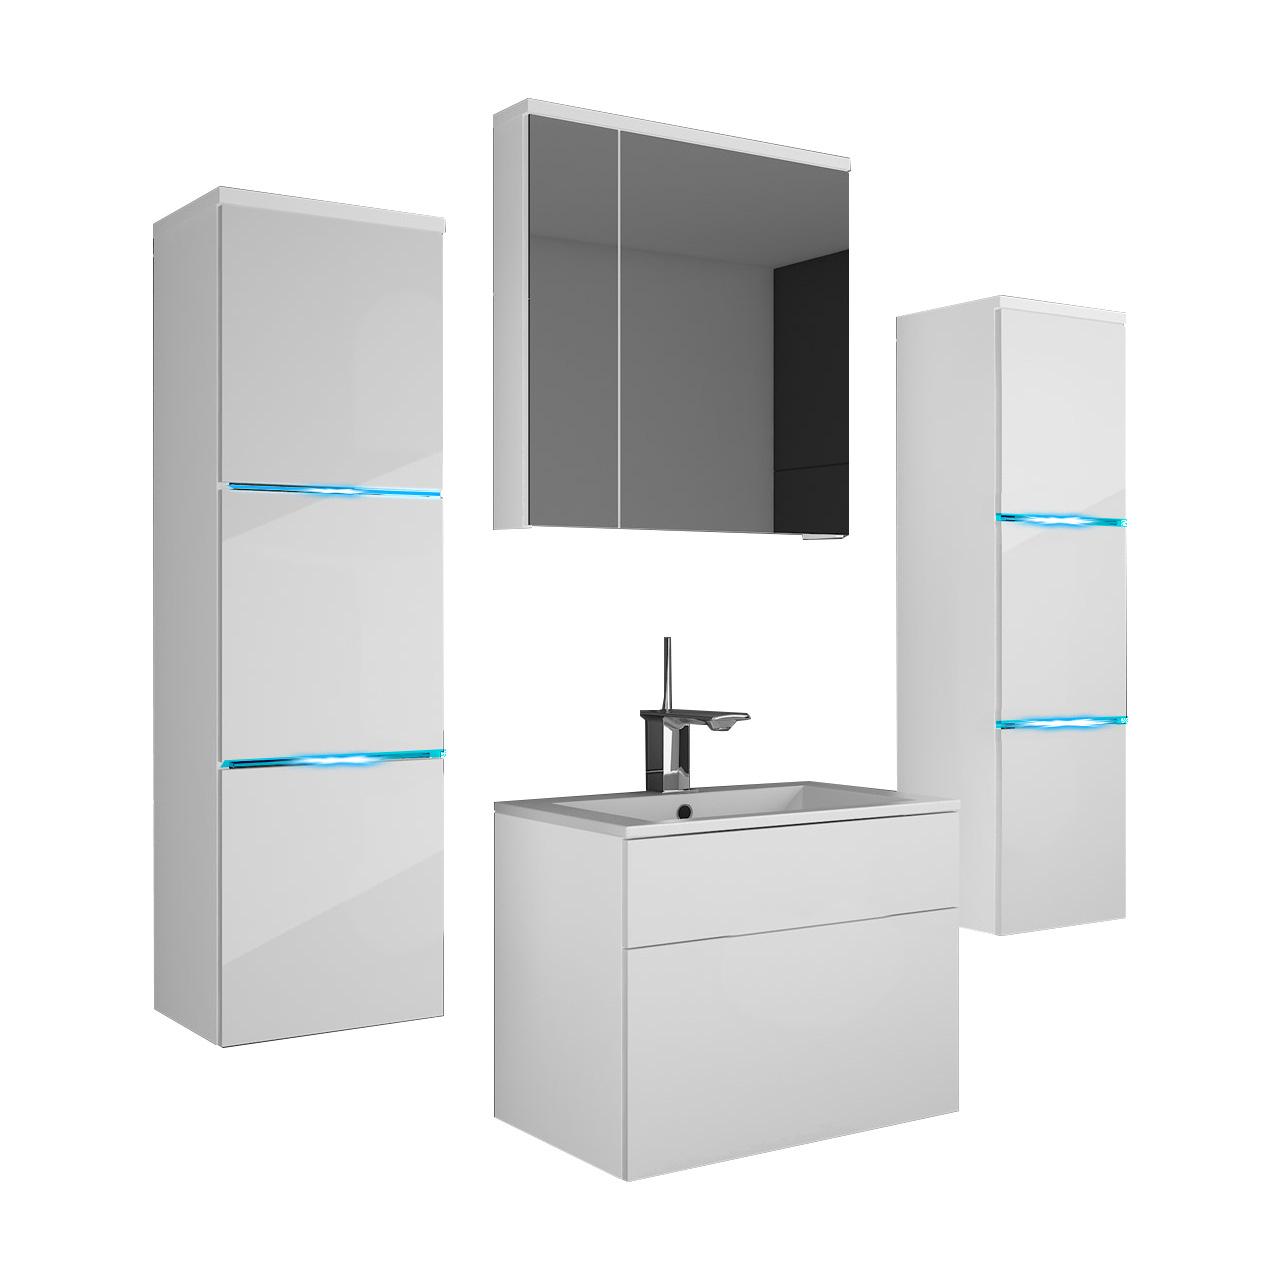 Nábytok pre kúpeľňa ORTON BIELY LESK prívesok